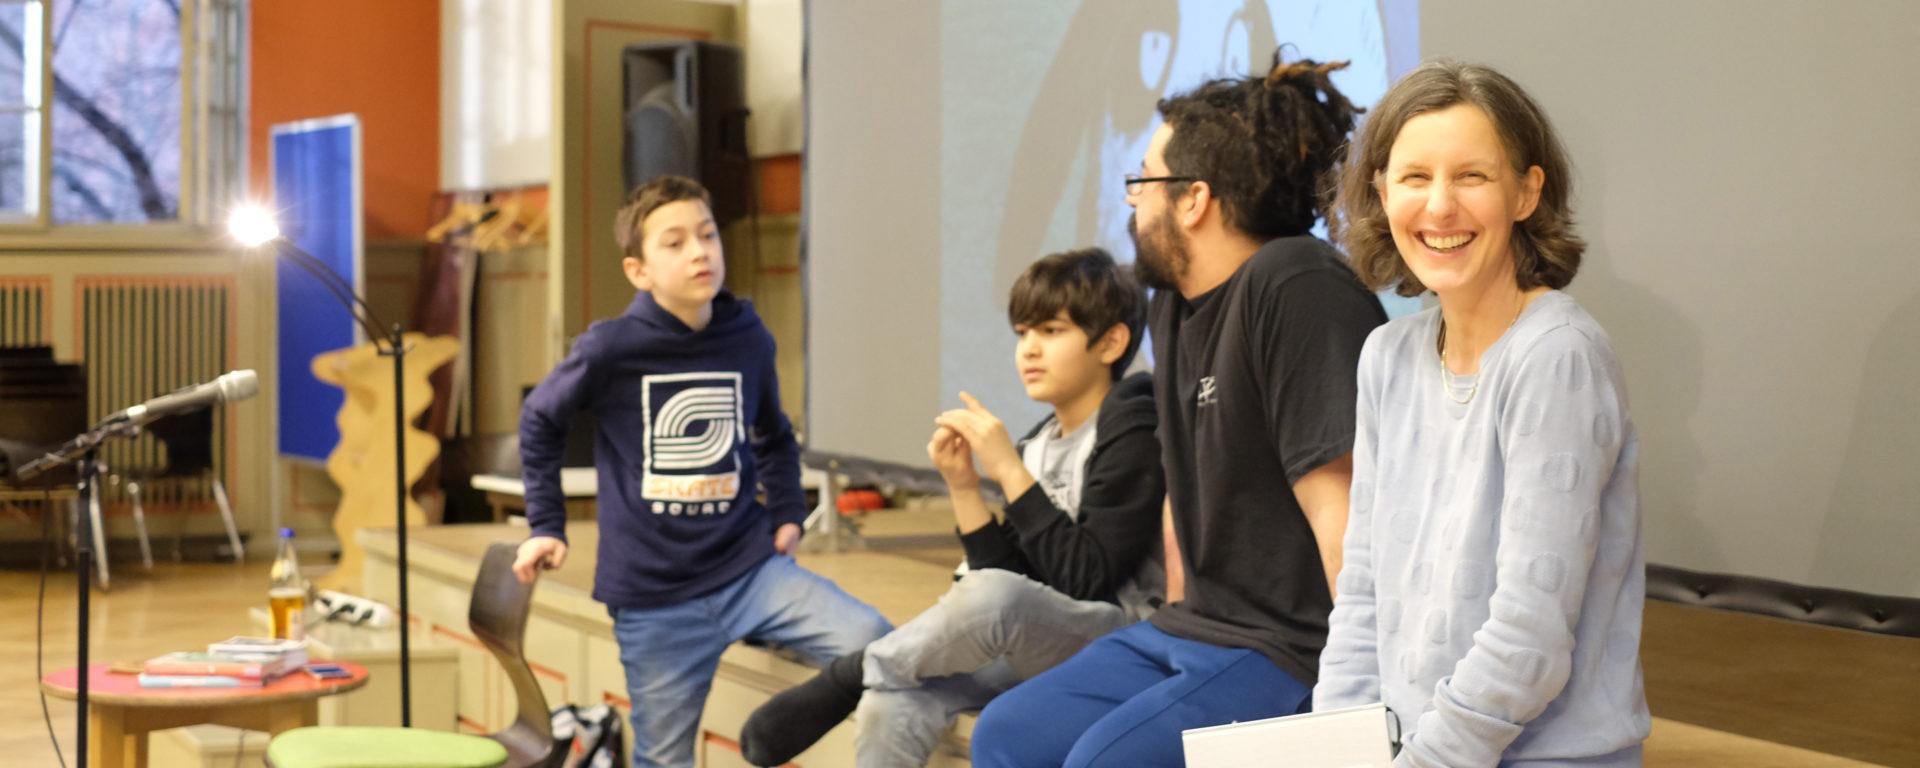 Die Vorsitzende des Fördervereins mit Autor und zwei Schülern bei einer Lesung in der Aula